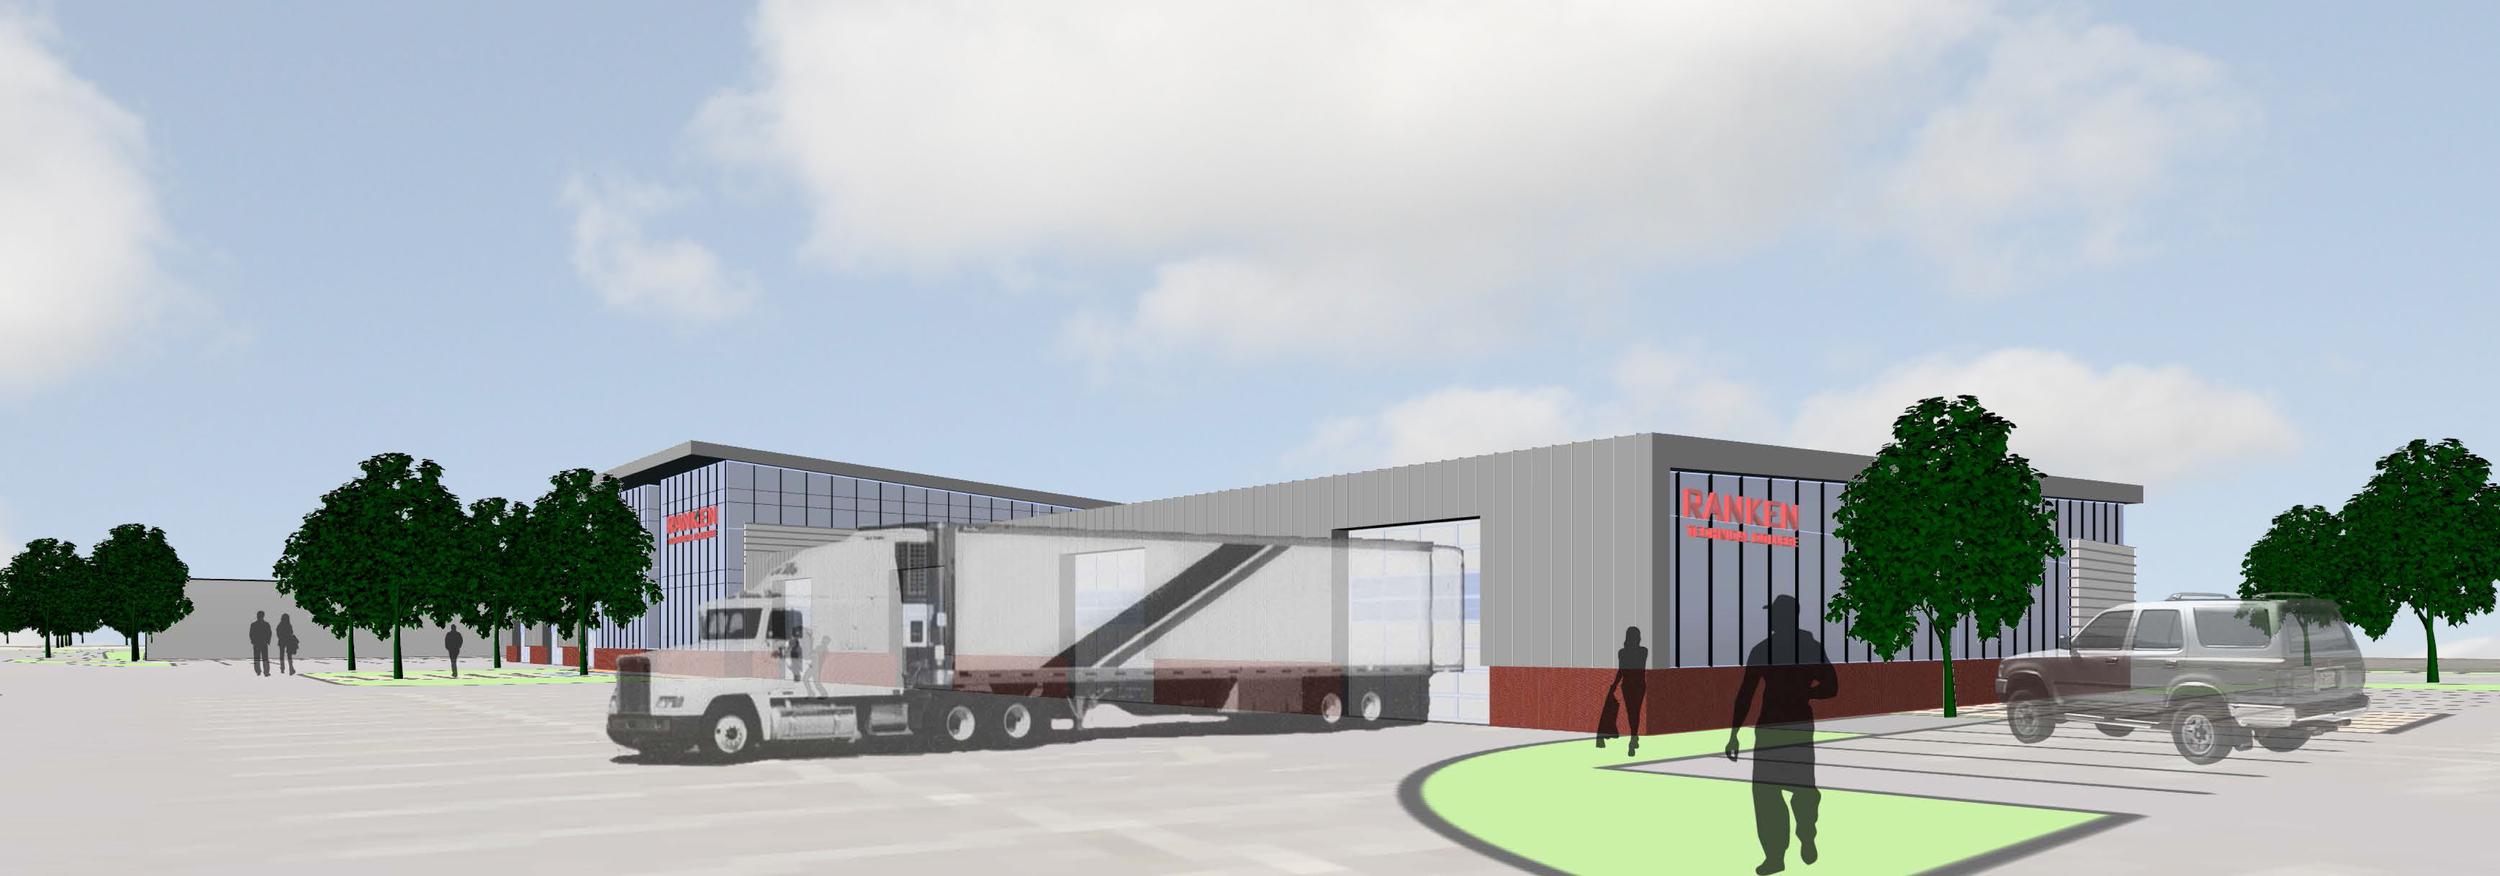 Ranken Technical College - Diesel Technology Center, Wentzville, MO -